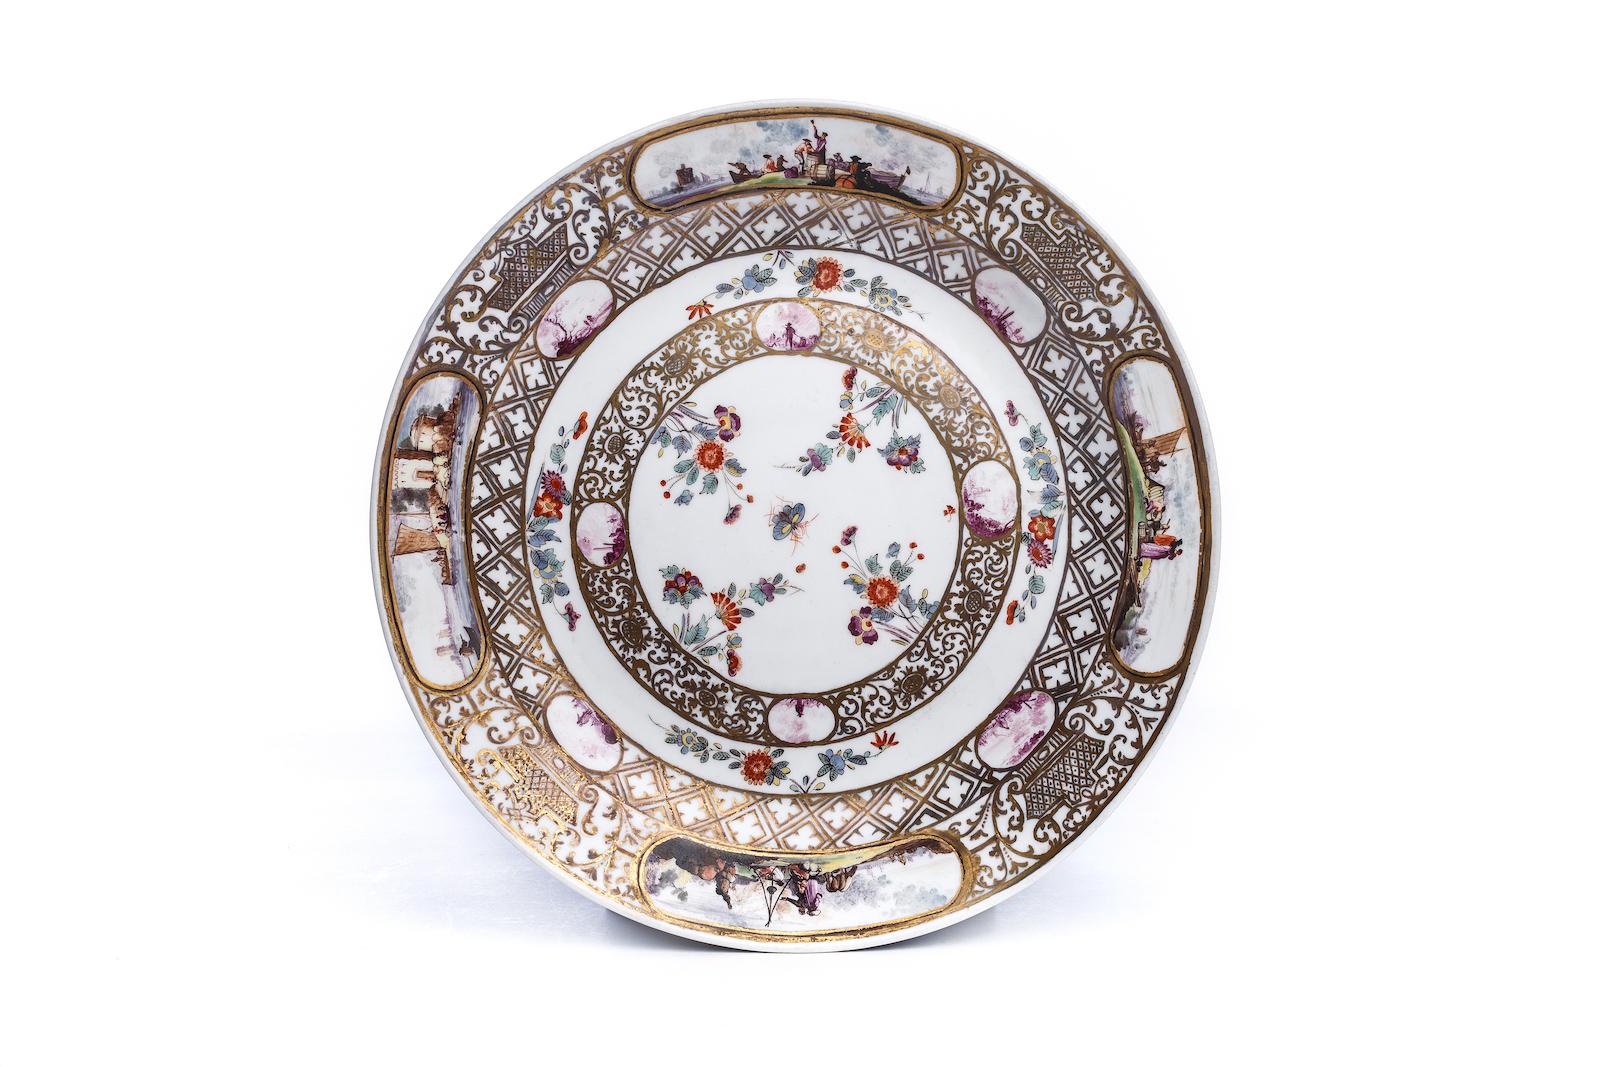 #207 Kleiner Prunkplatte, Meissen 1730/35 | Small splendor plate, Meissen 1730/35 Image